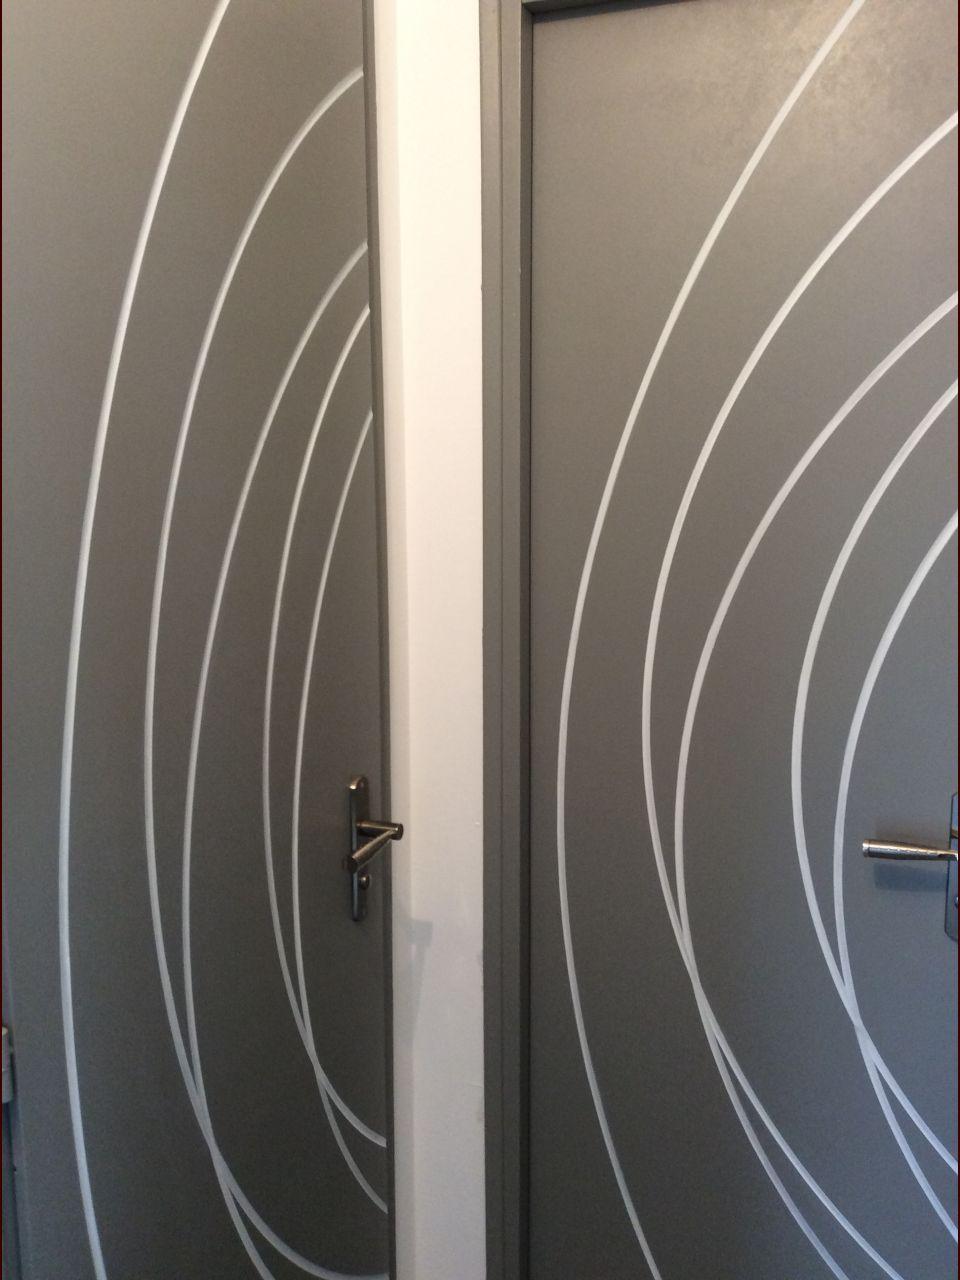 Comment peindre porte maison design for Peindre porte interieure 2 couleurs